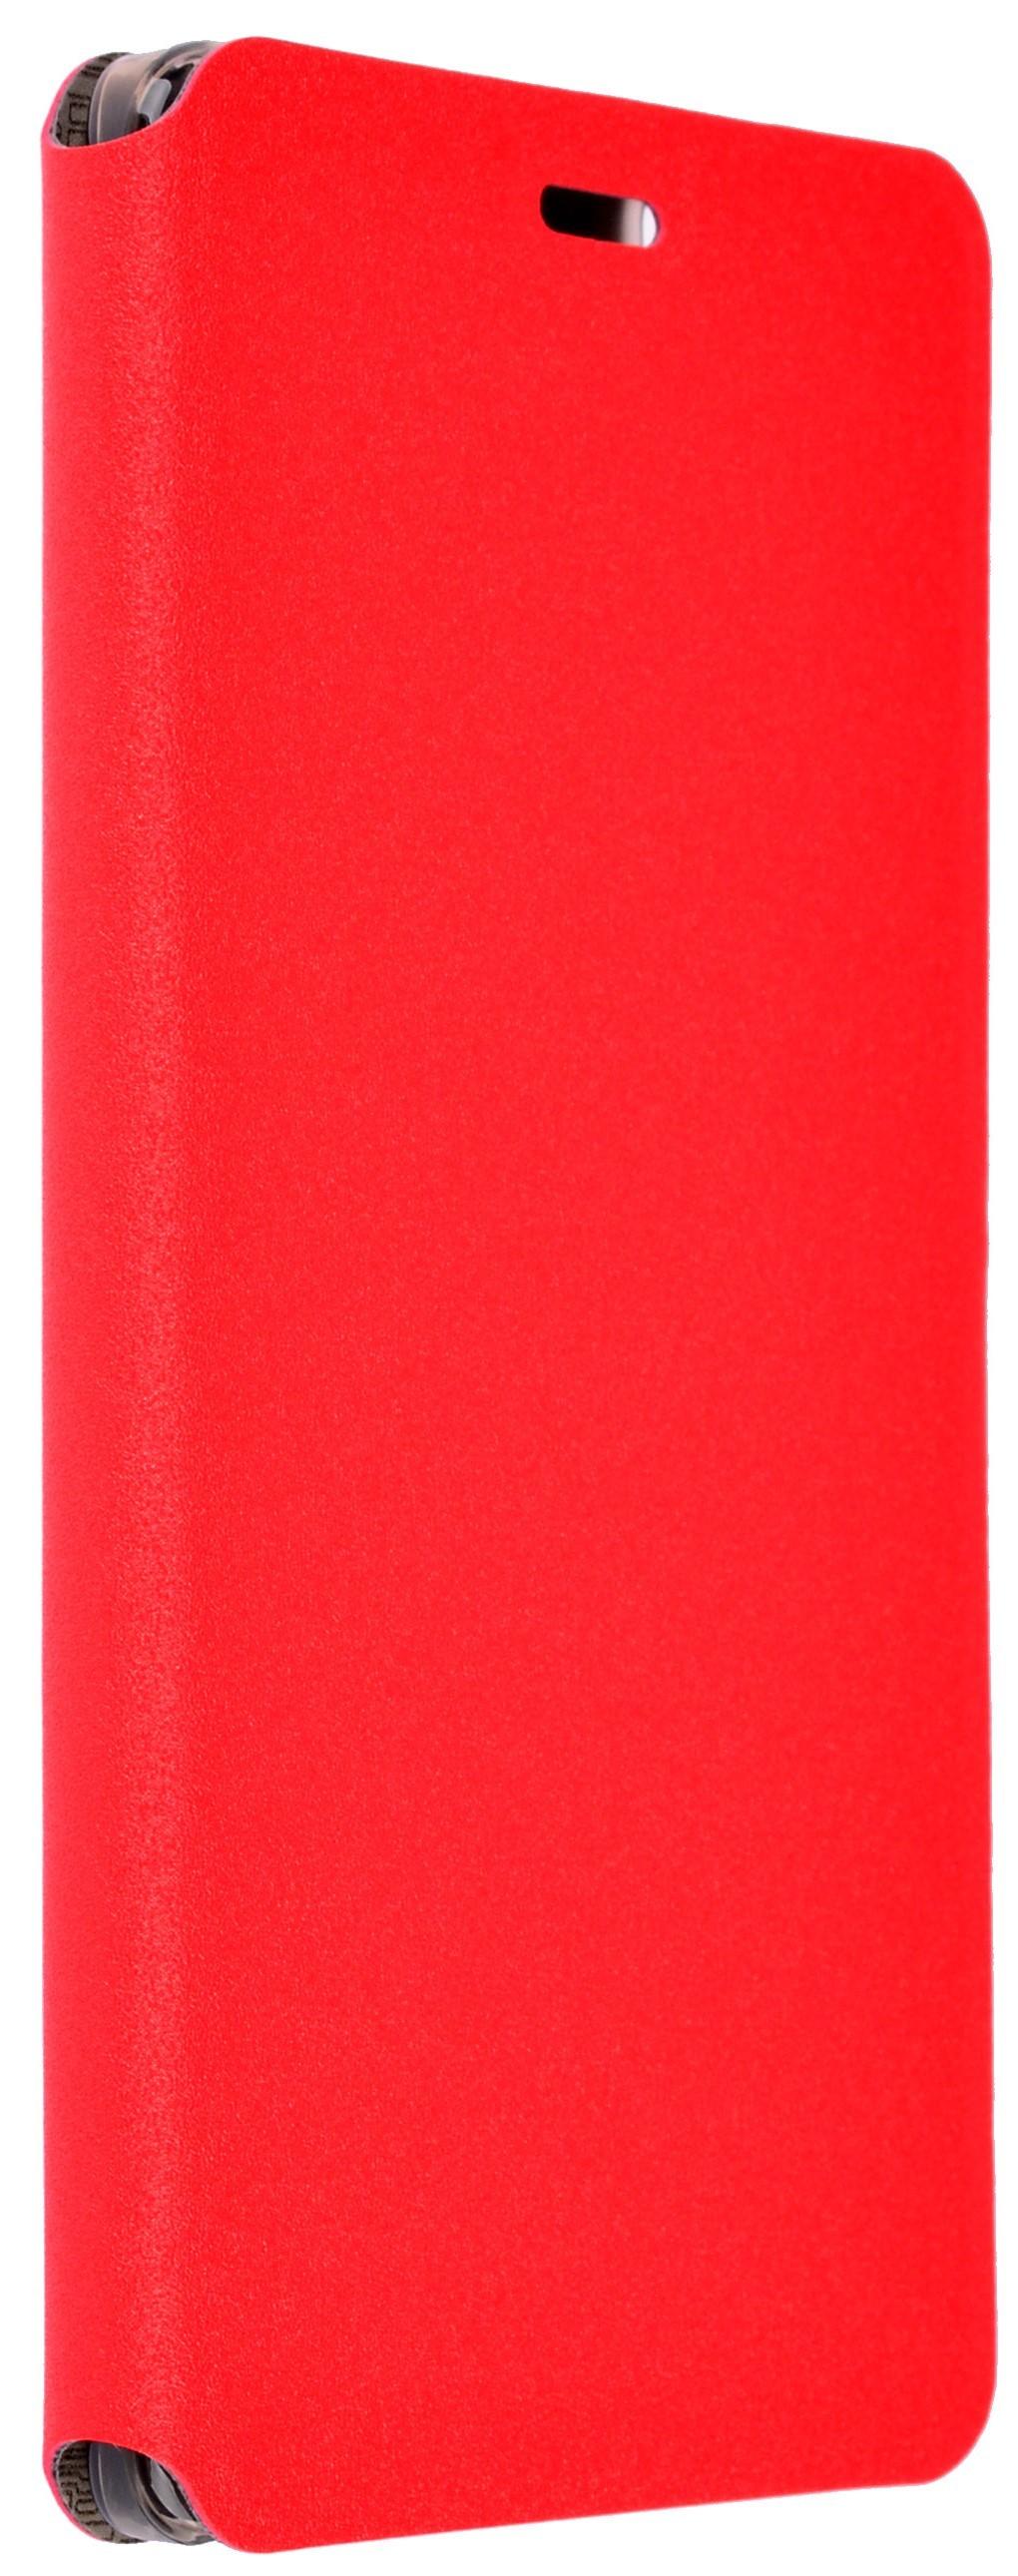 Чехол для сотового телефона PRIME Book, 4660041407785, красный недорого